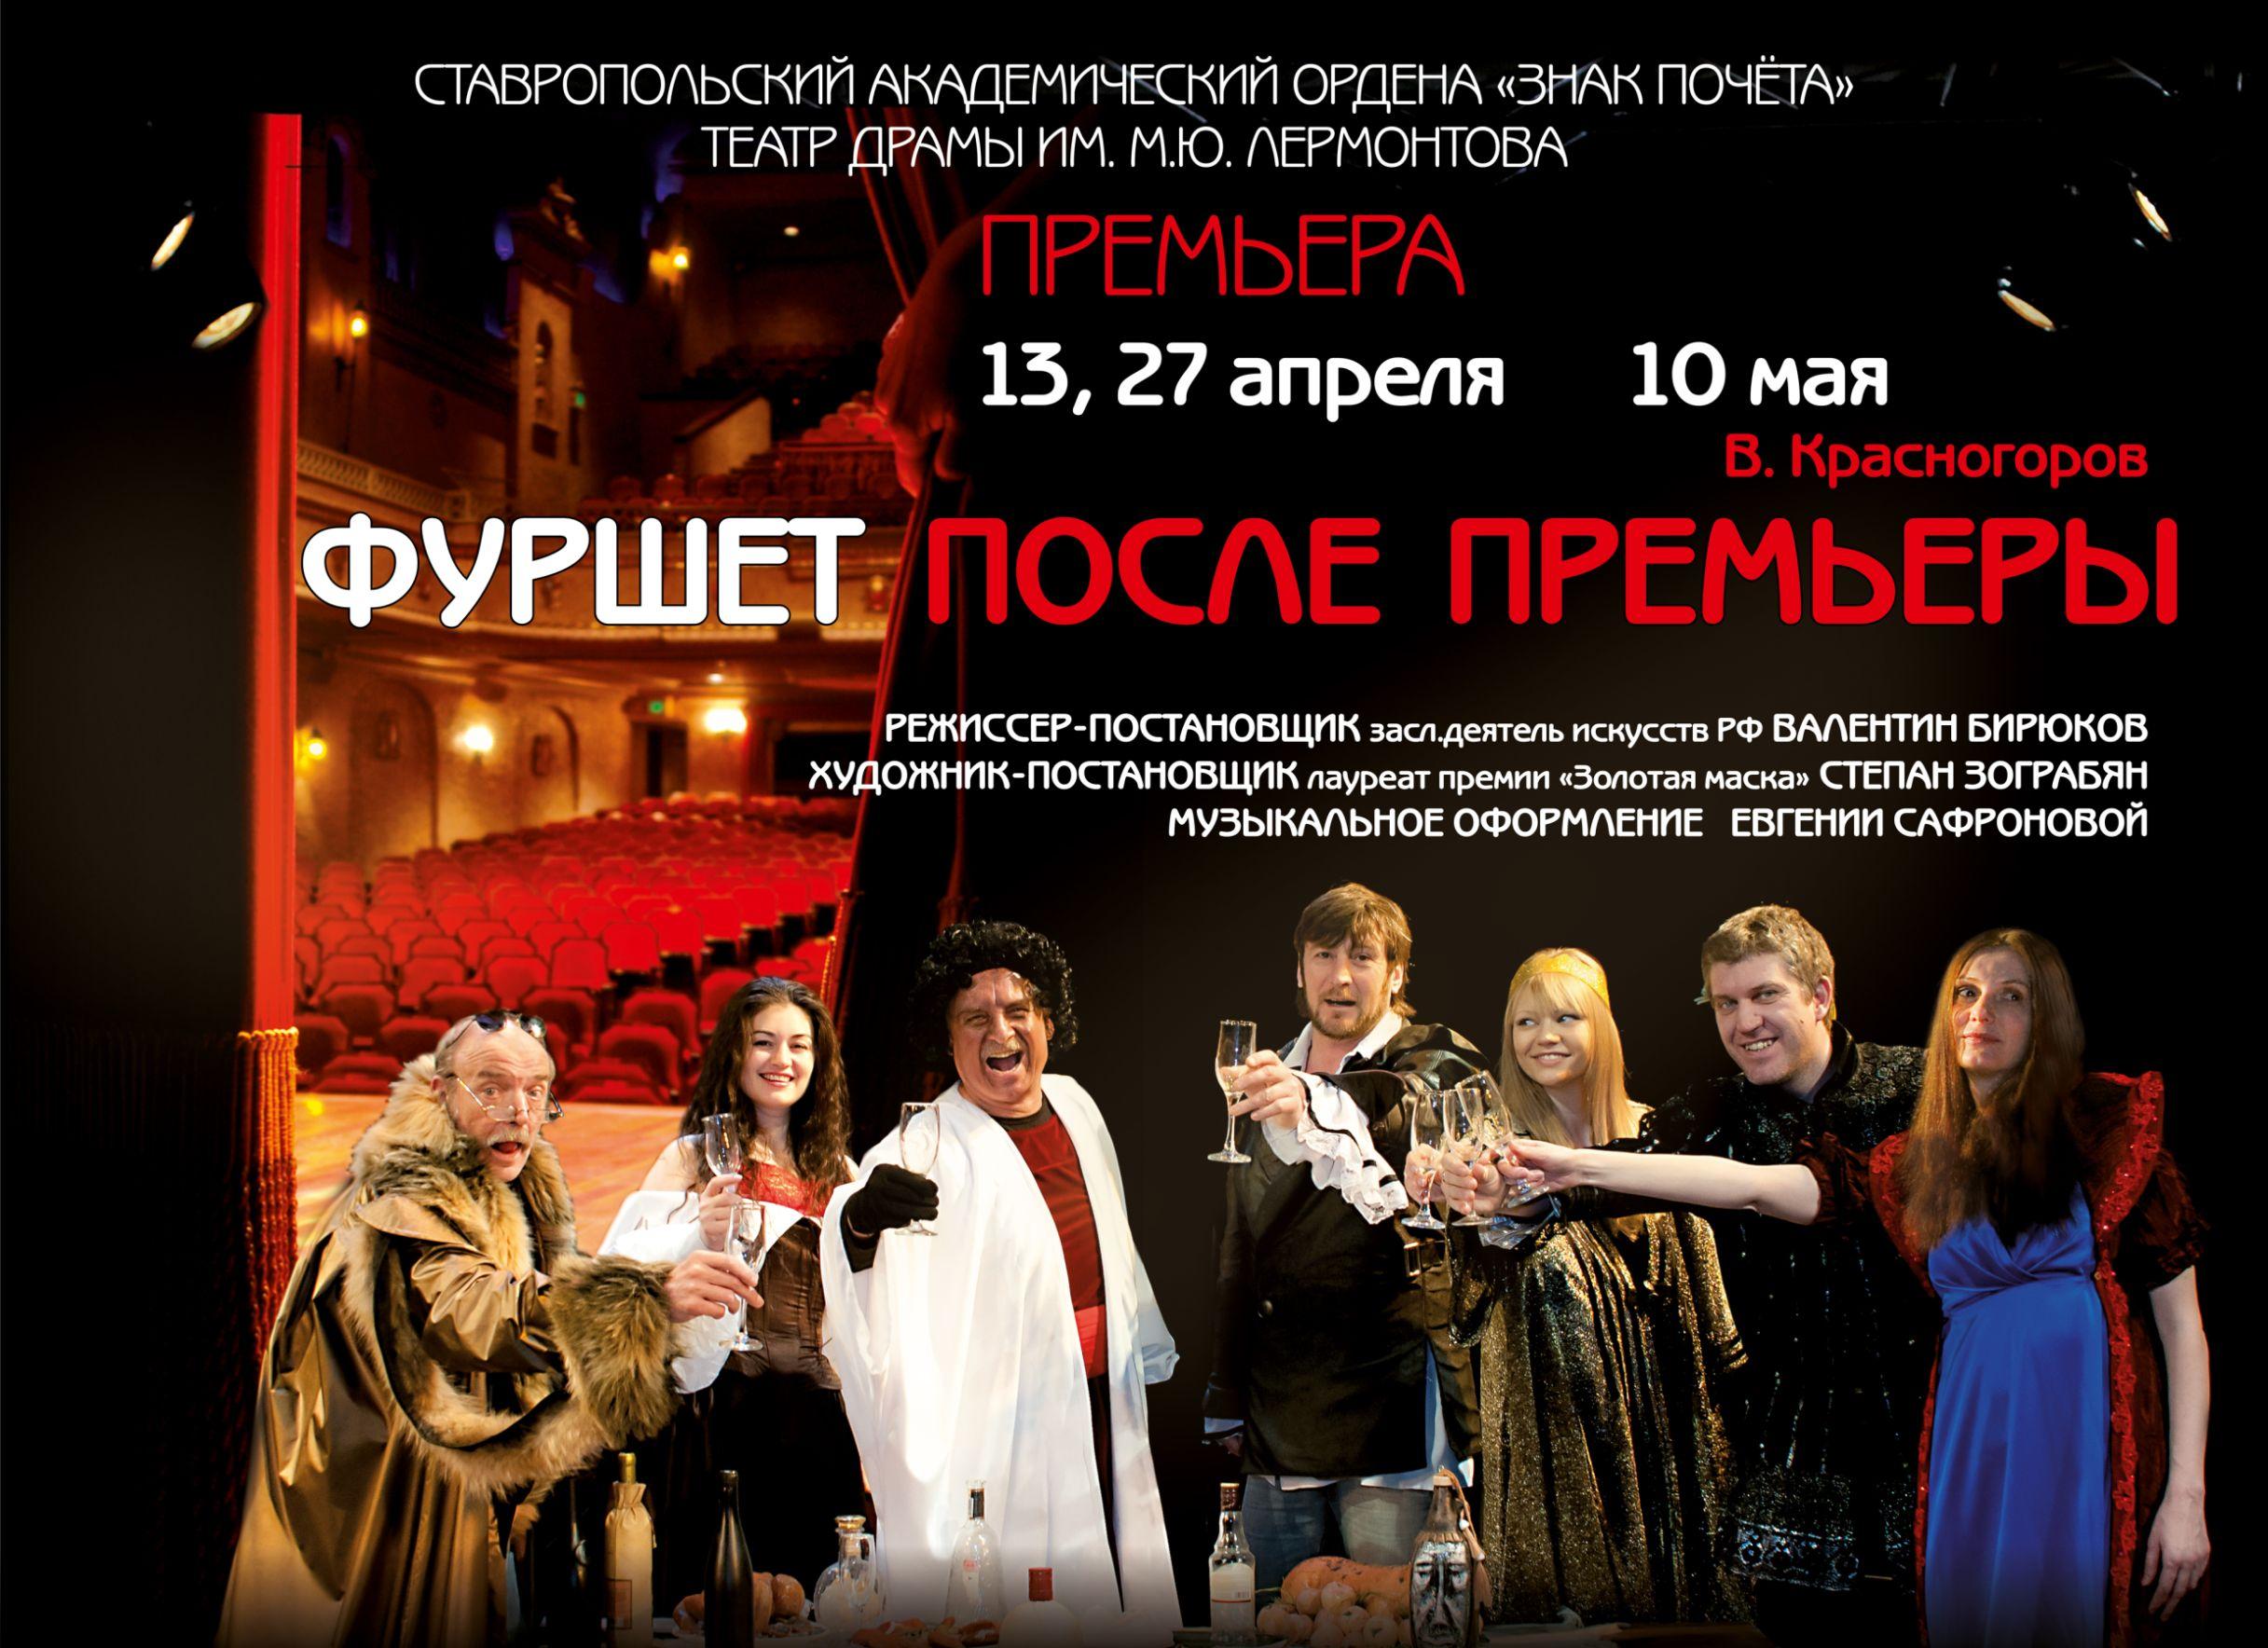 Stavropol-Furshet-aifsha